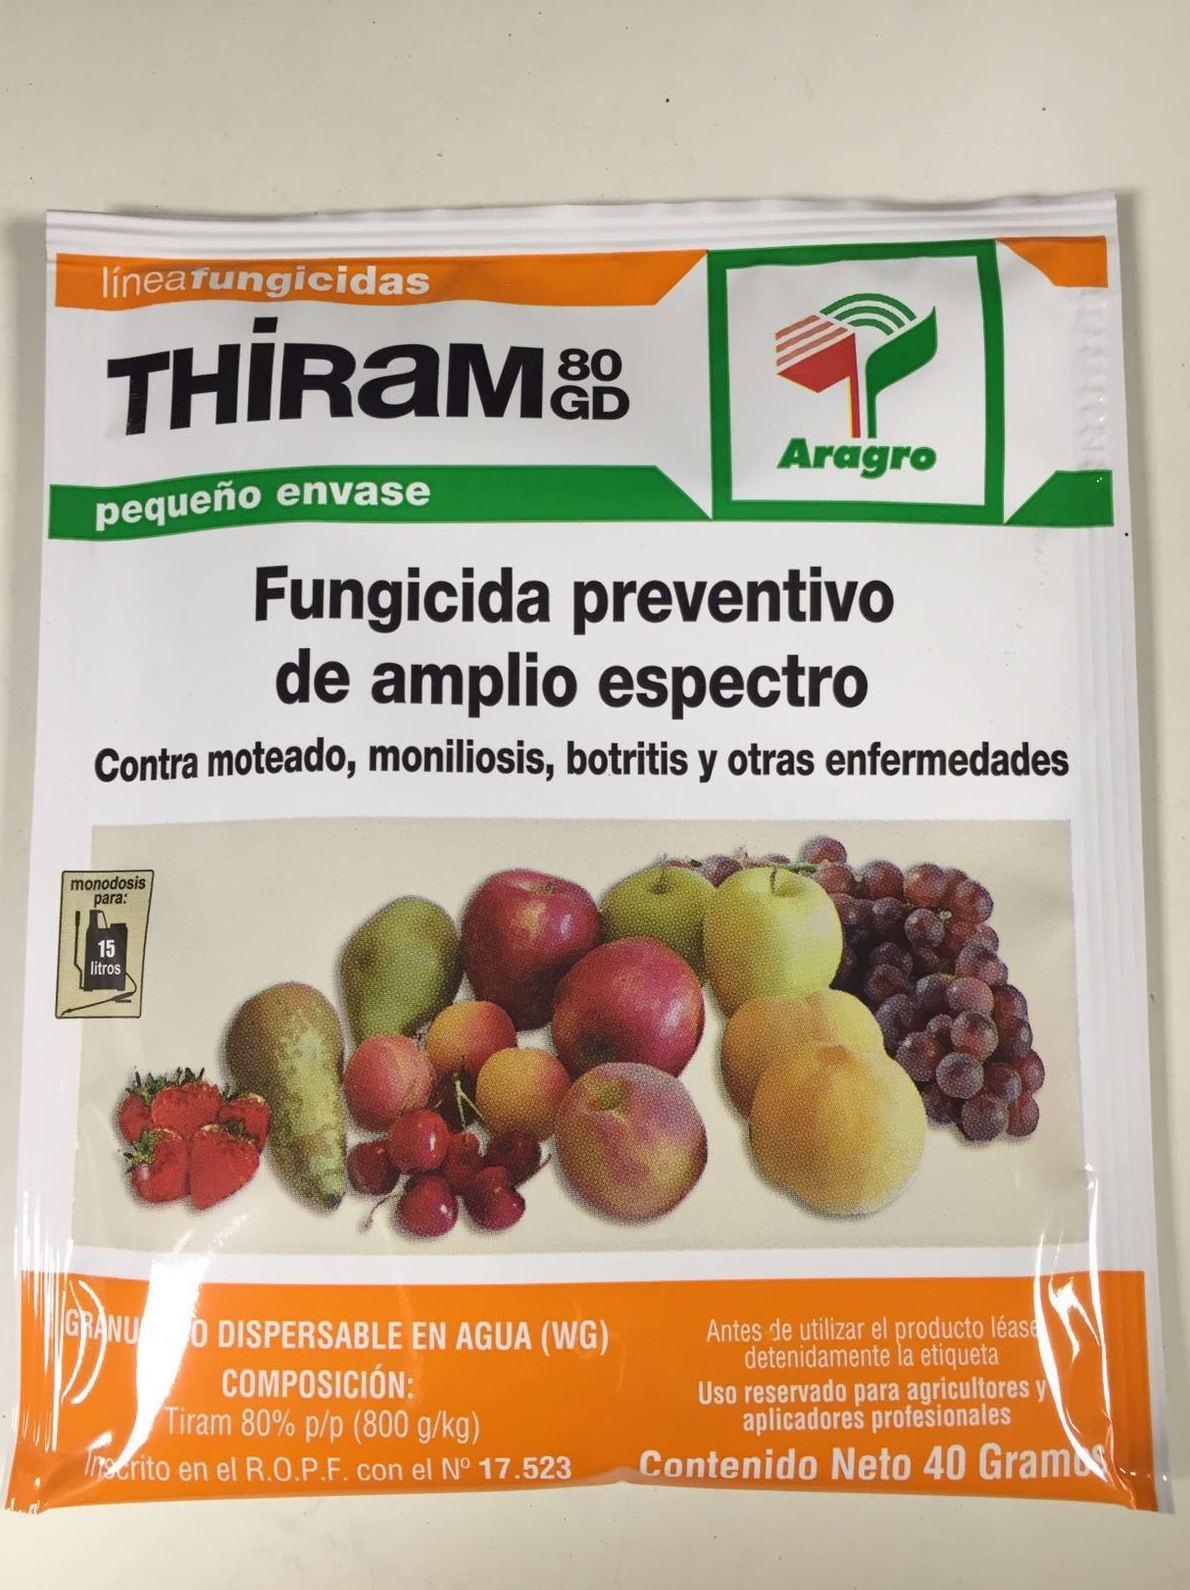 Fungicida preventivo de ampllio espectro